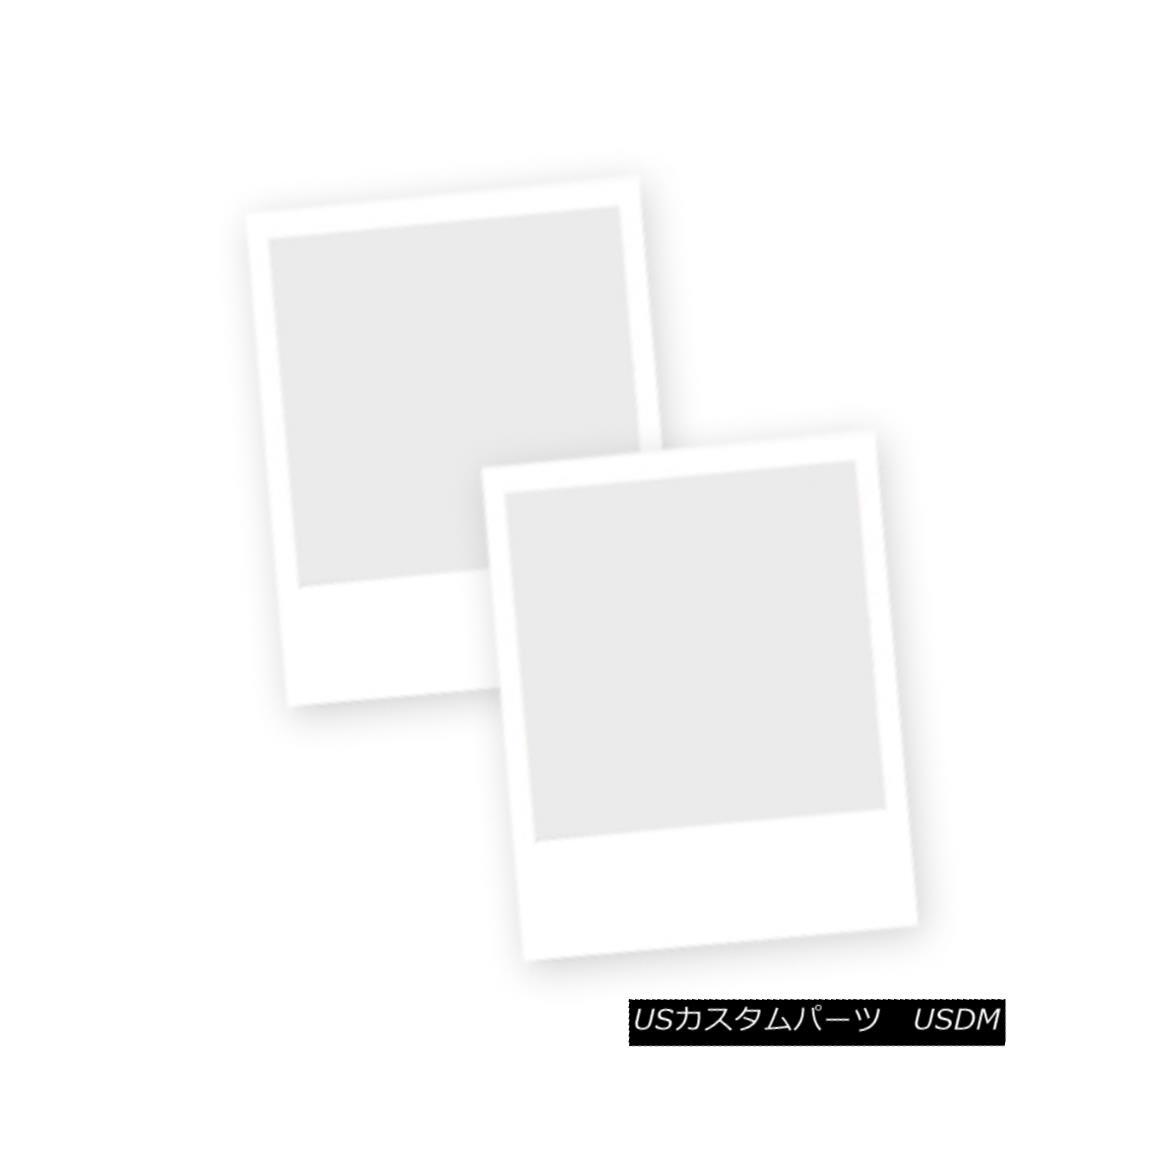 グリル New Replacement Outer Grille Shell Chrome Value 新しい交換用外側グリルシェルクロームバリュー